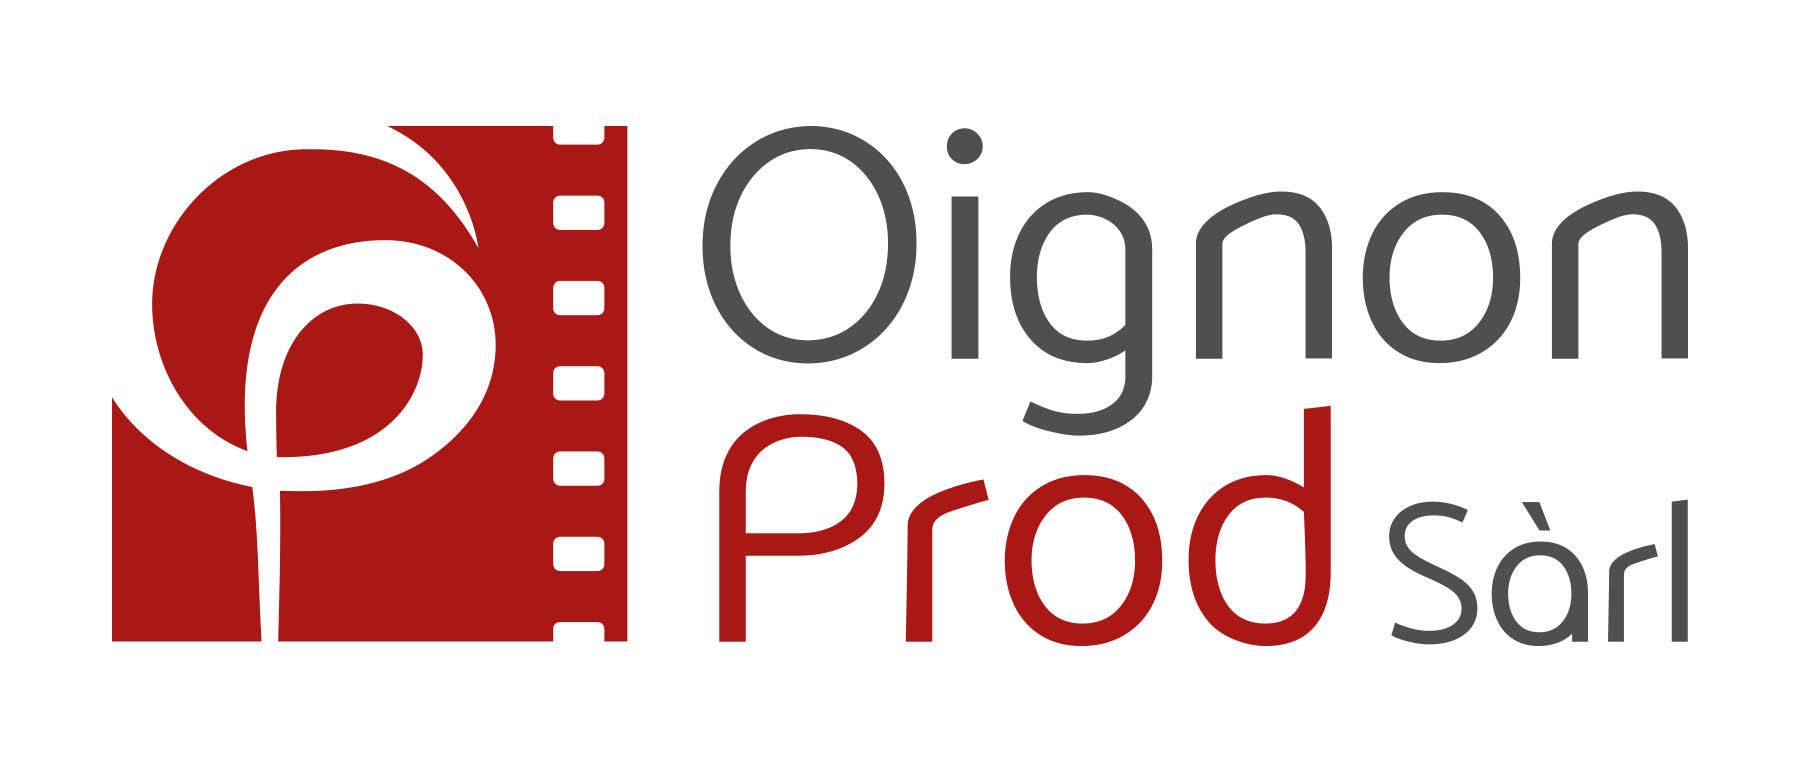 Logo Oignon Prod Sàrl l'entreprise de production vidéo de référence basée à Yverdon-les-Bains dans le canton de Vaud